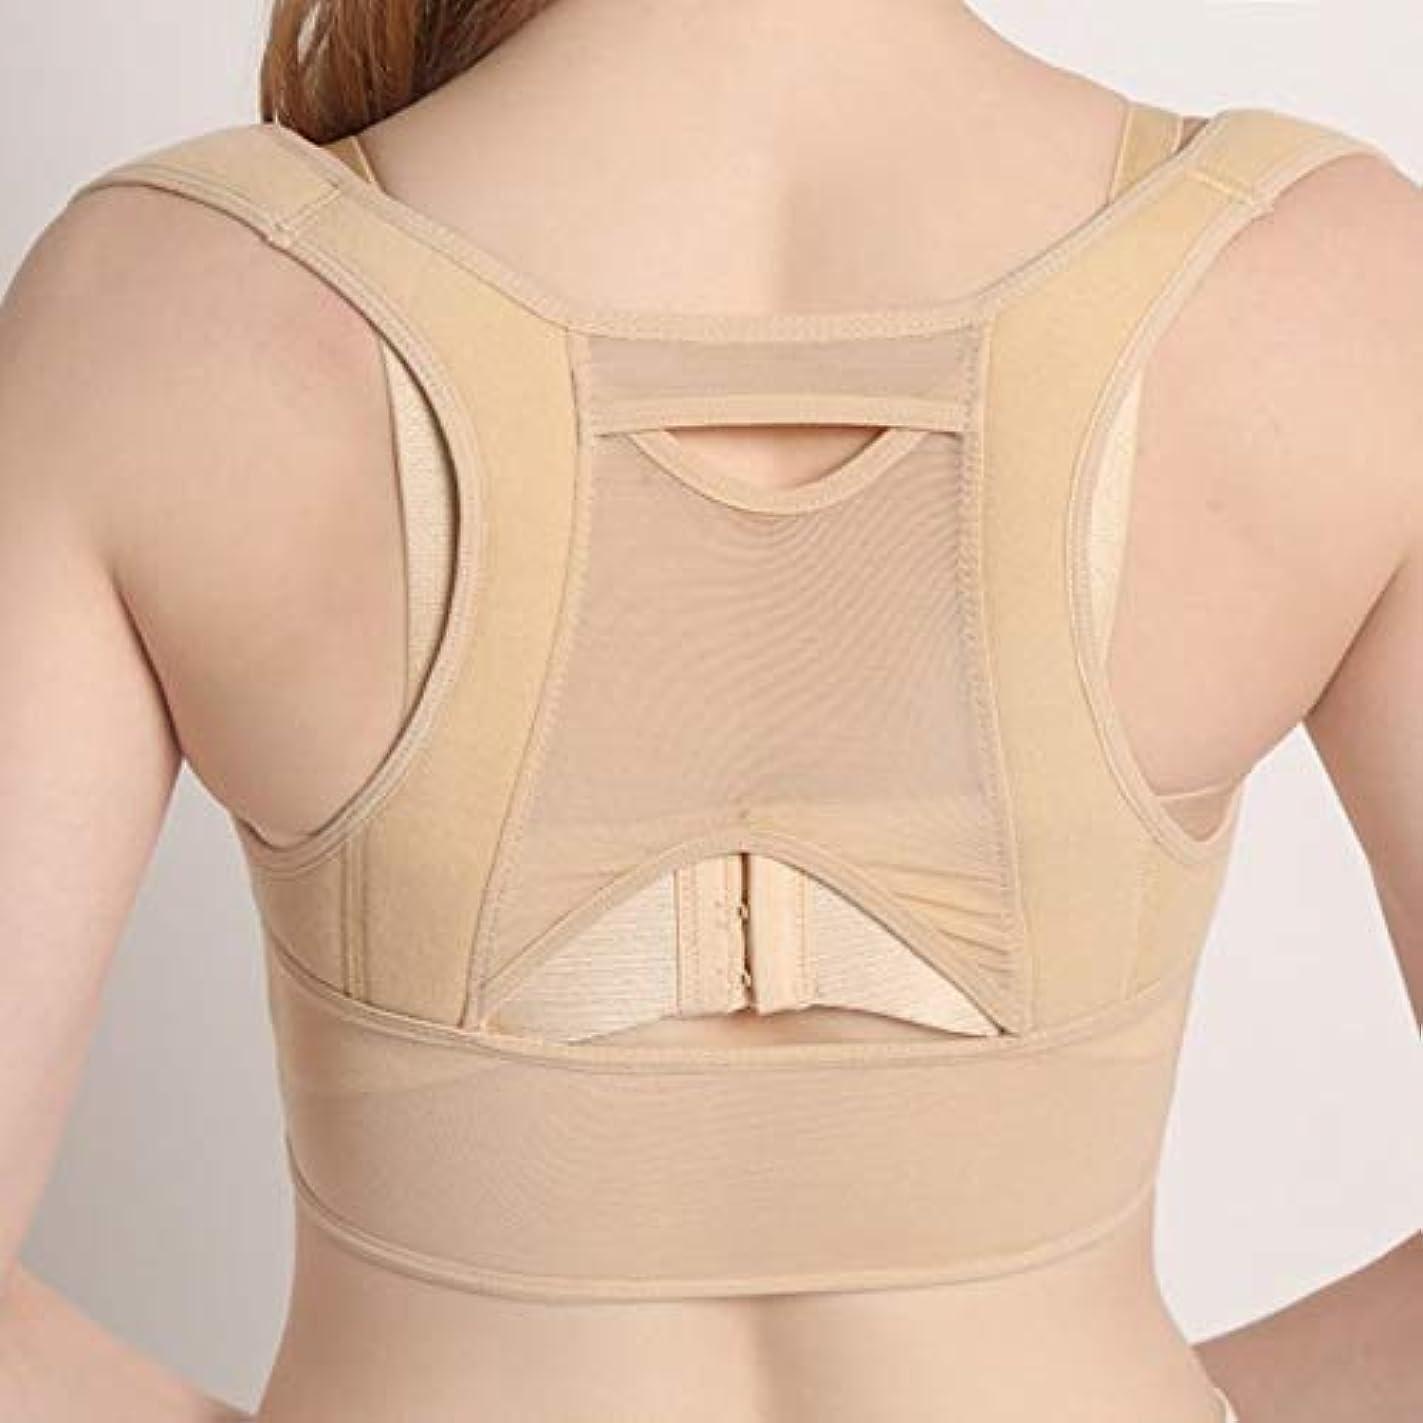 解釈船上提案通気性のある女性の背中の姿勢矯正コルセット整形外科の肩の背骨の姿勢矯正腰椎サポート - ベージュホワイトM